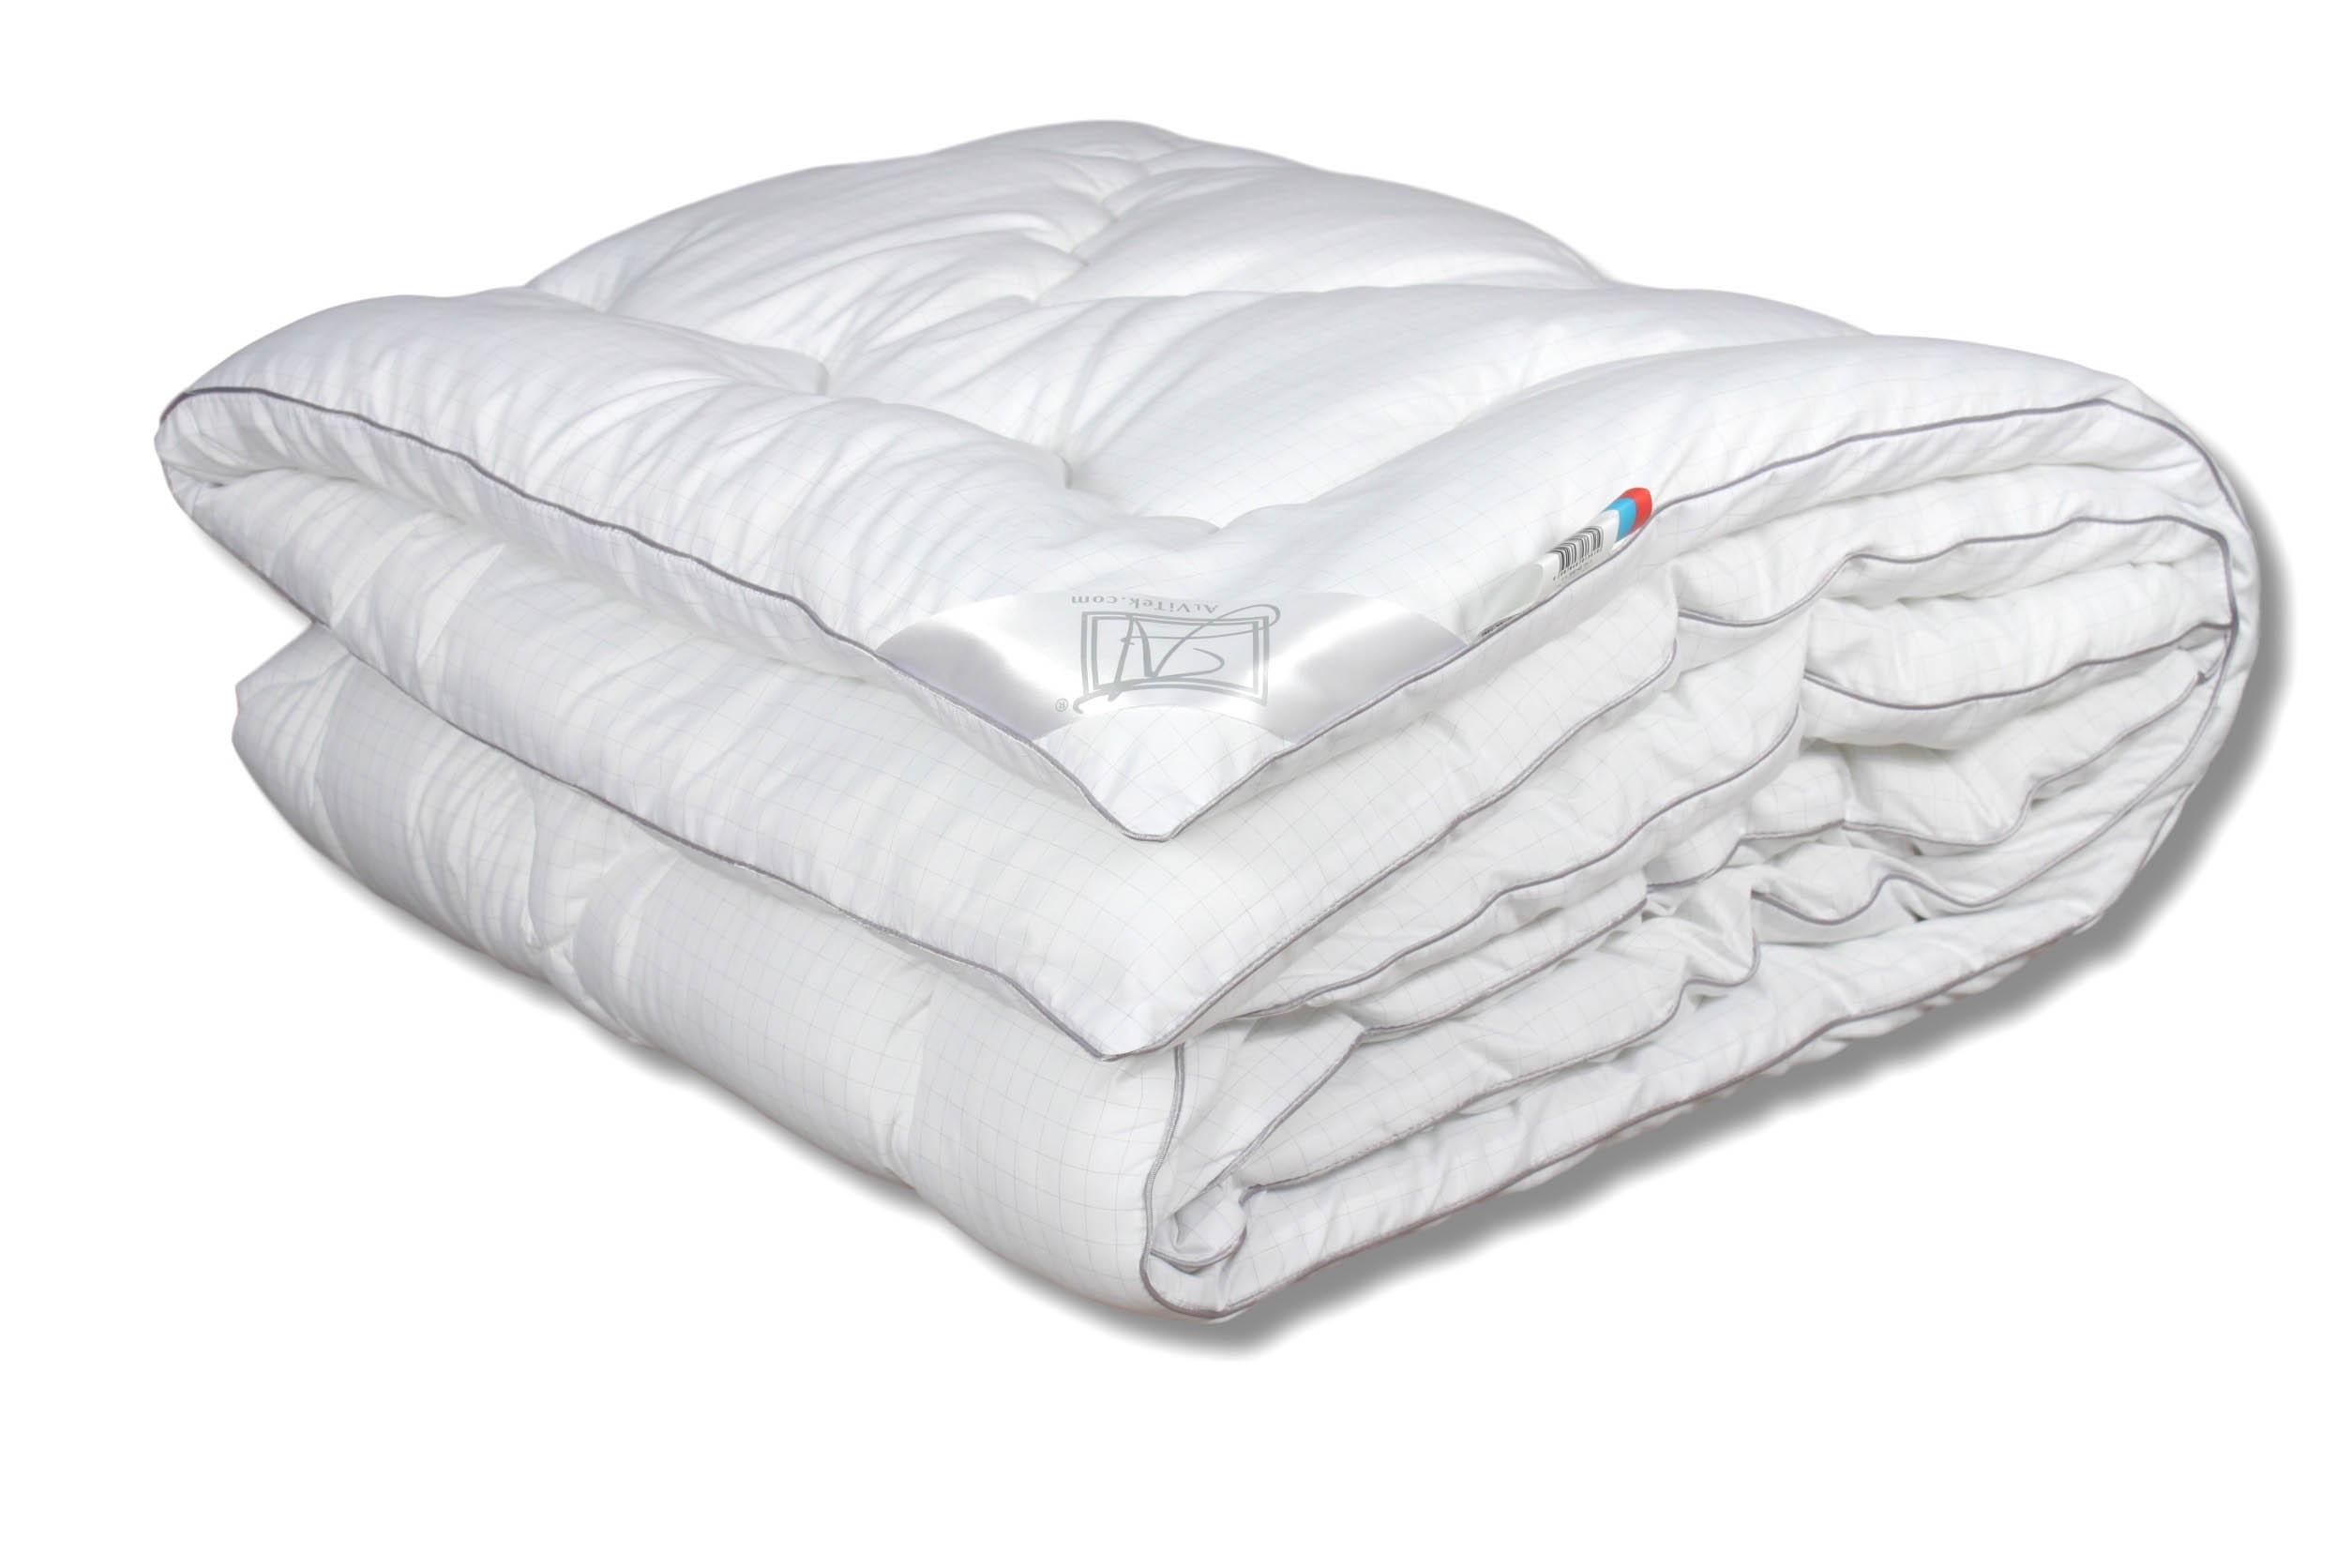 Одеяла AlViTek Одеяло Карбон Легкое (140х205 см) одеяла alvitek одеяло алоэ микрофибра легкое 140х205 см